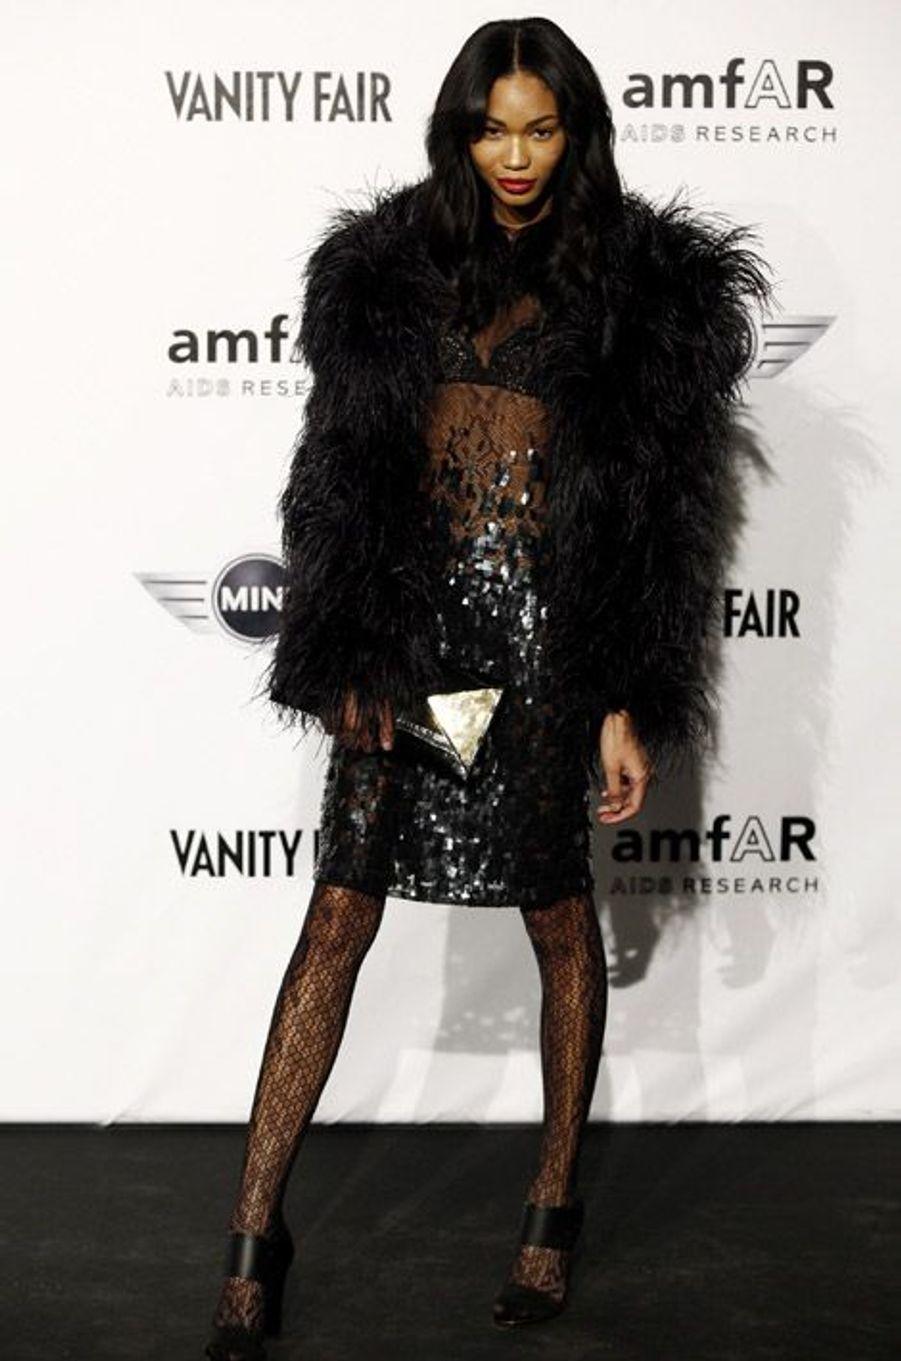 La mannequin Chanel Iman lors du gala de l'AmfAR à Milan, le 27 septembre 2010